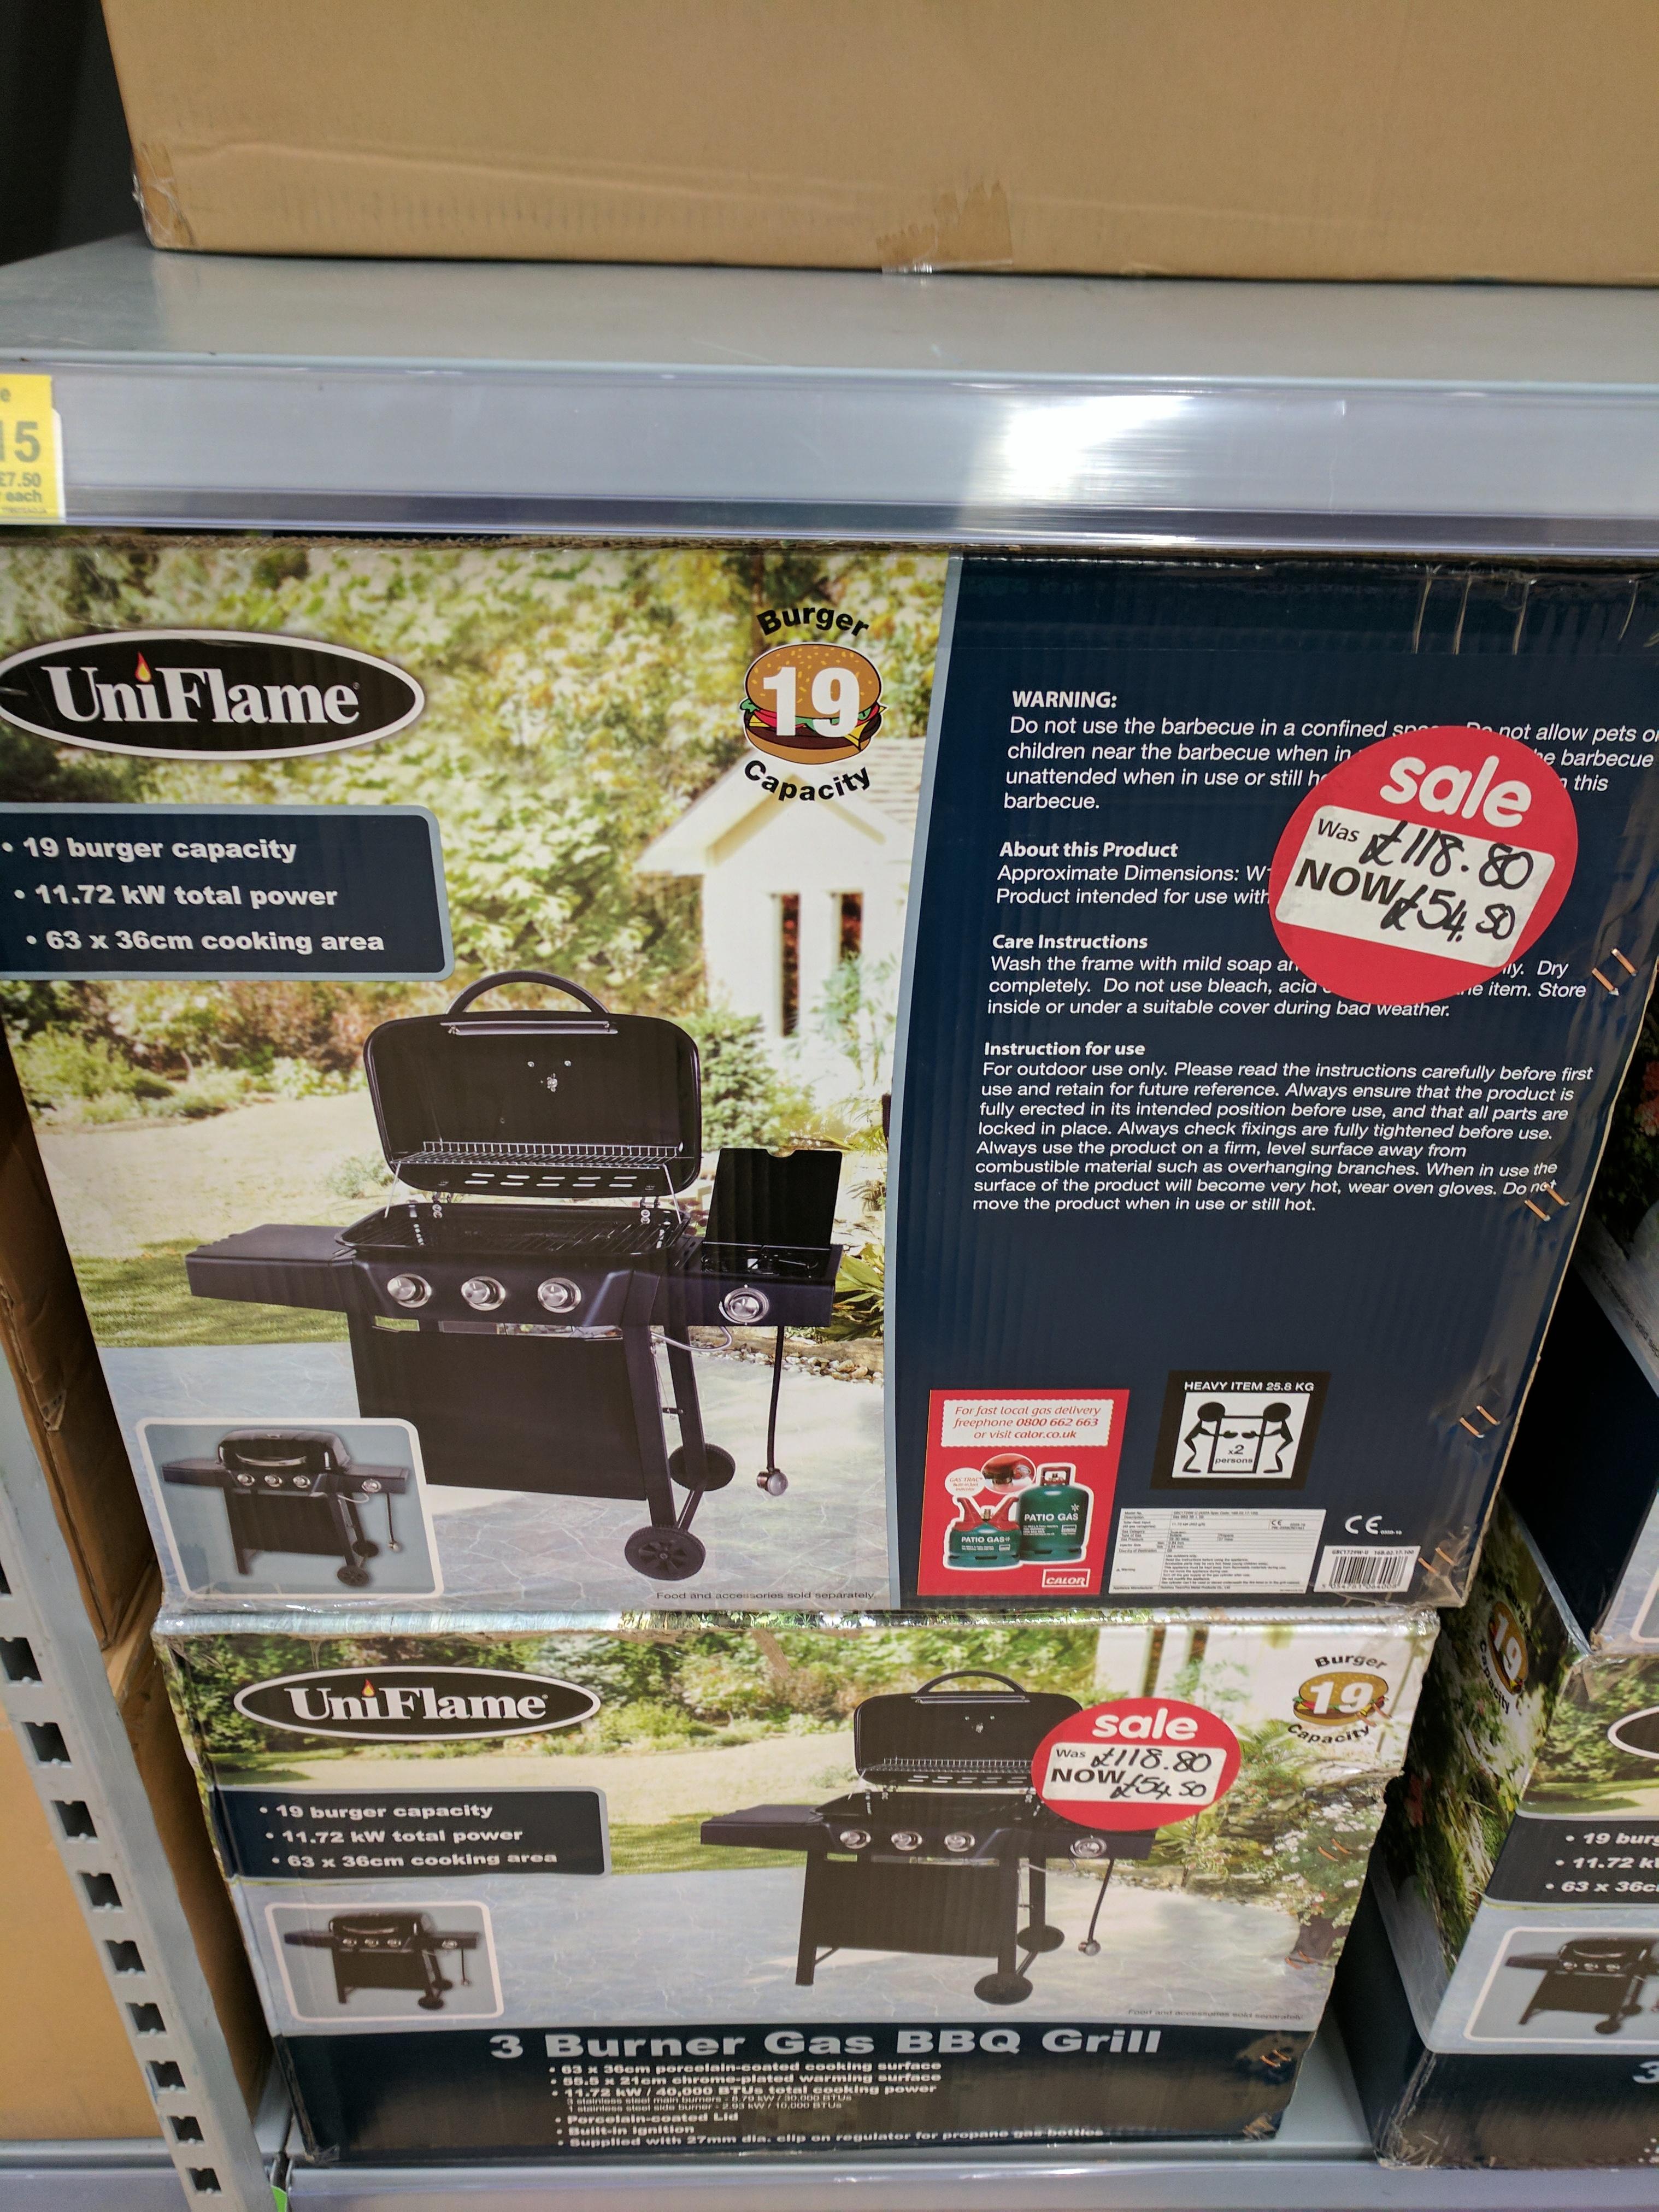 3 burner gas BBQ grill by Uniflame. Was £118.80 NOW £54.50 @ Asda (Edinburgh)